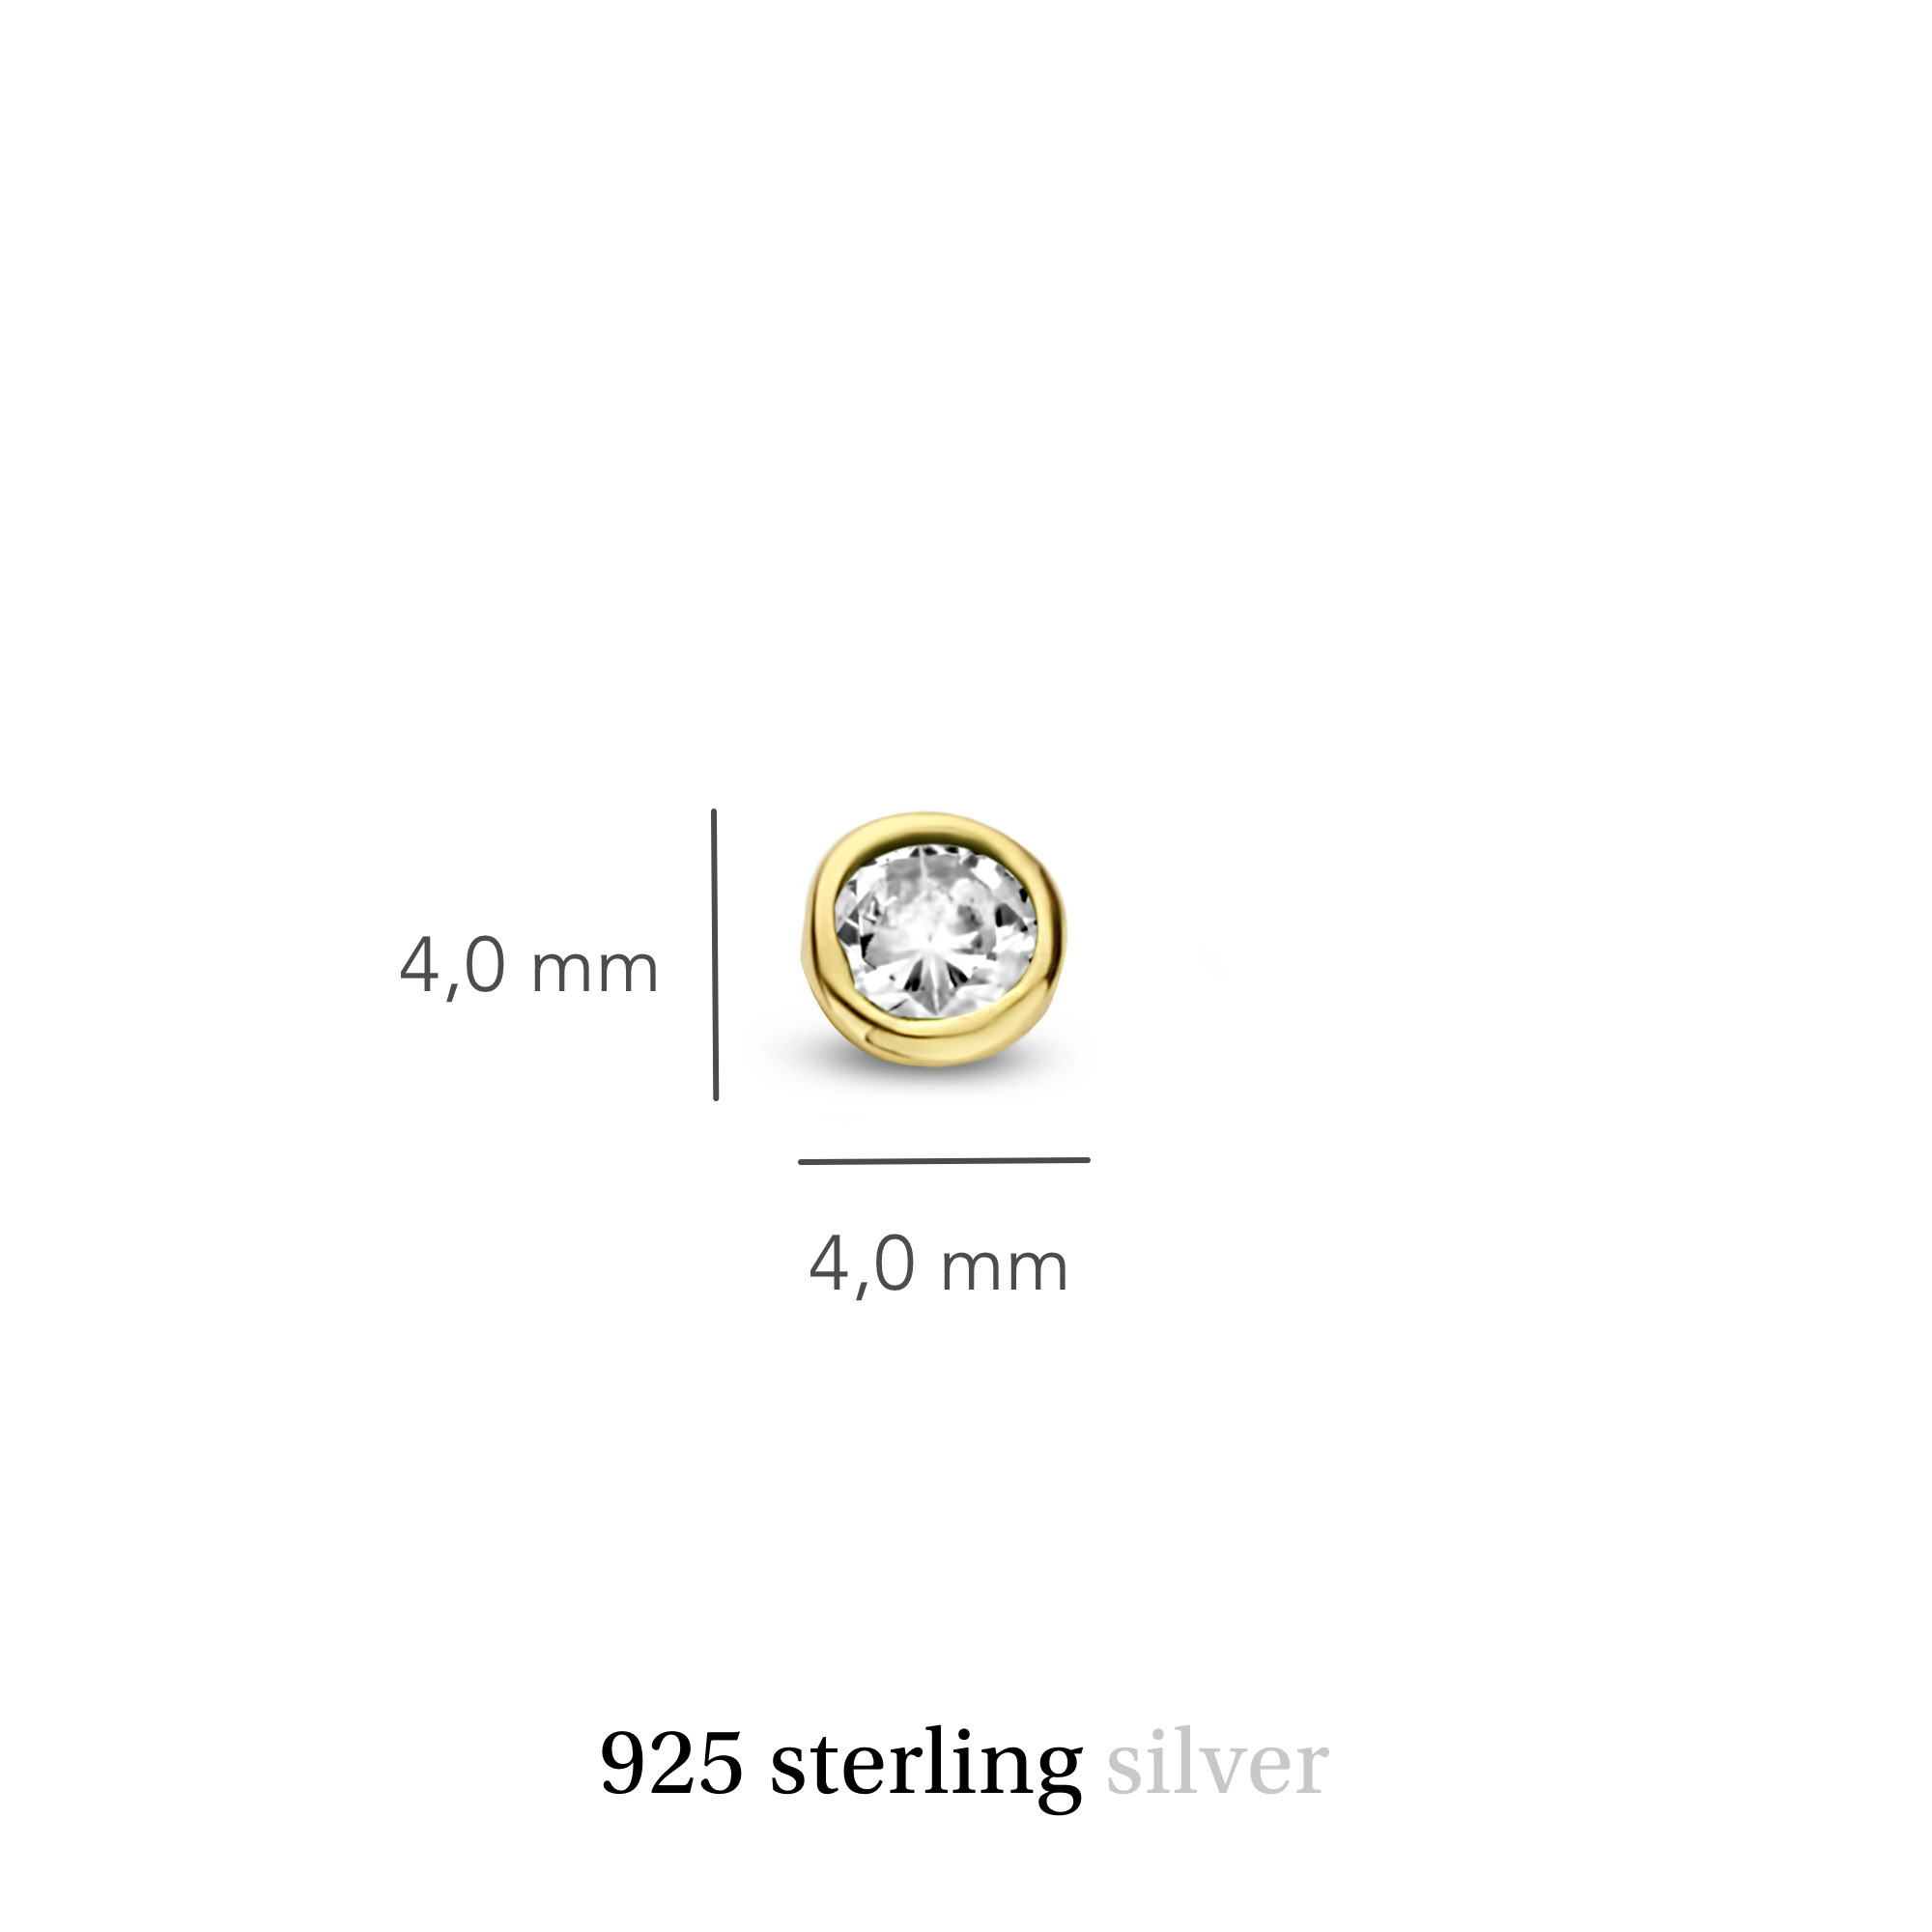 Violet Hamden Venus clous d'oreilles couleur or en argent sterling 925 avec pierre de naissance